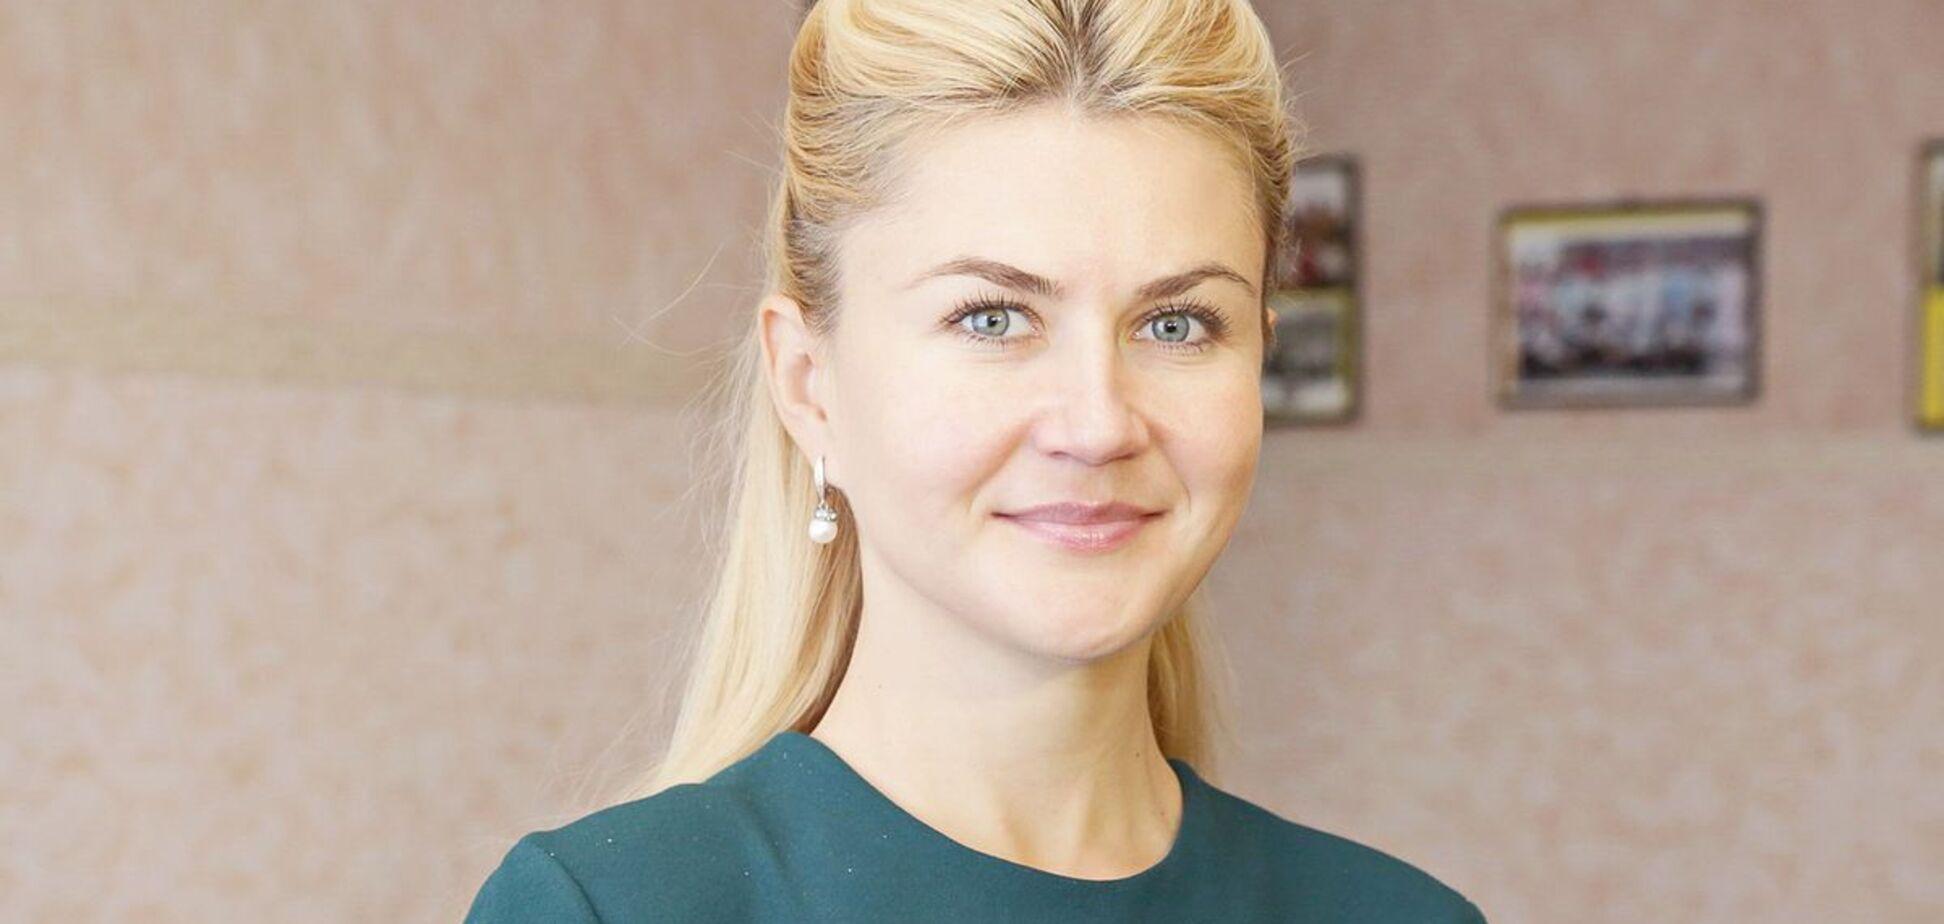 Харьковщина уже с теплом: глава ОГА Светличная сообщила о начале отопительного сезона